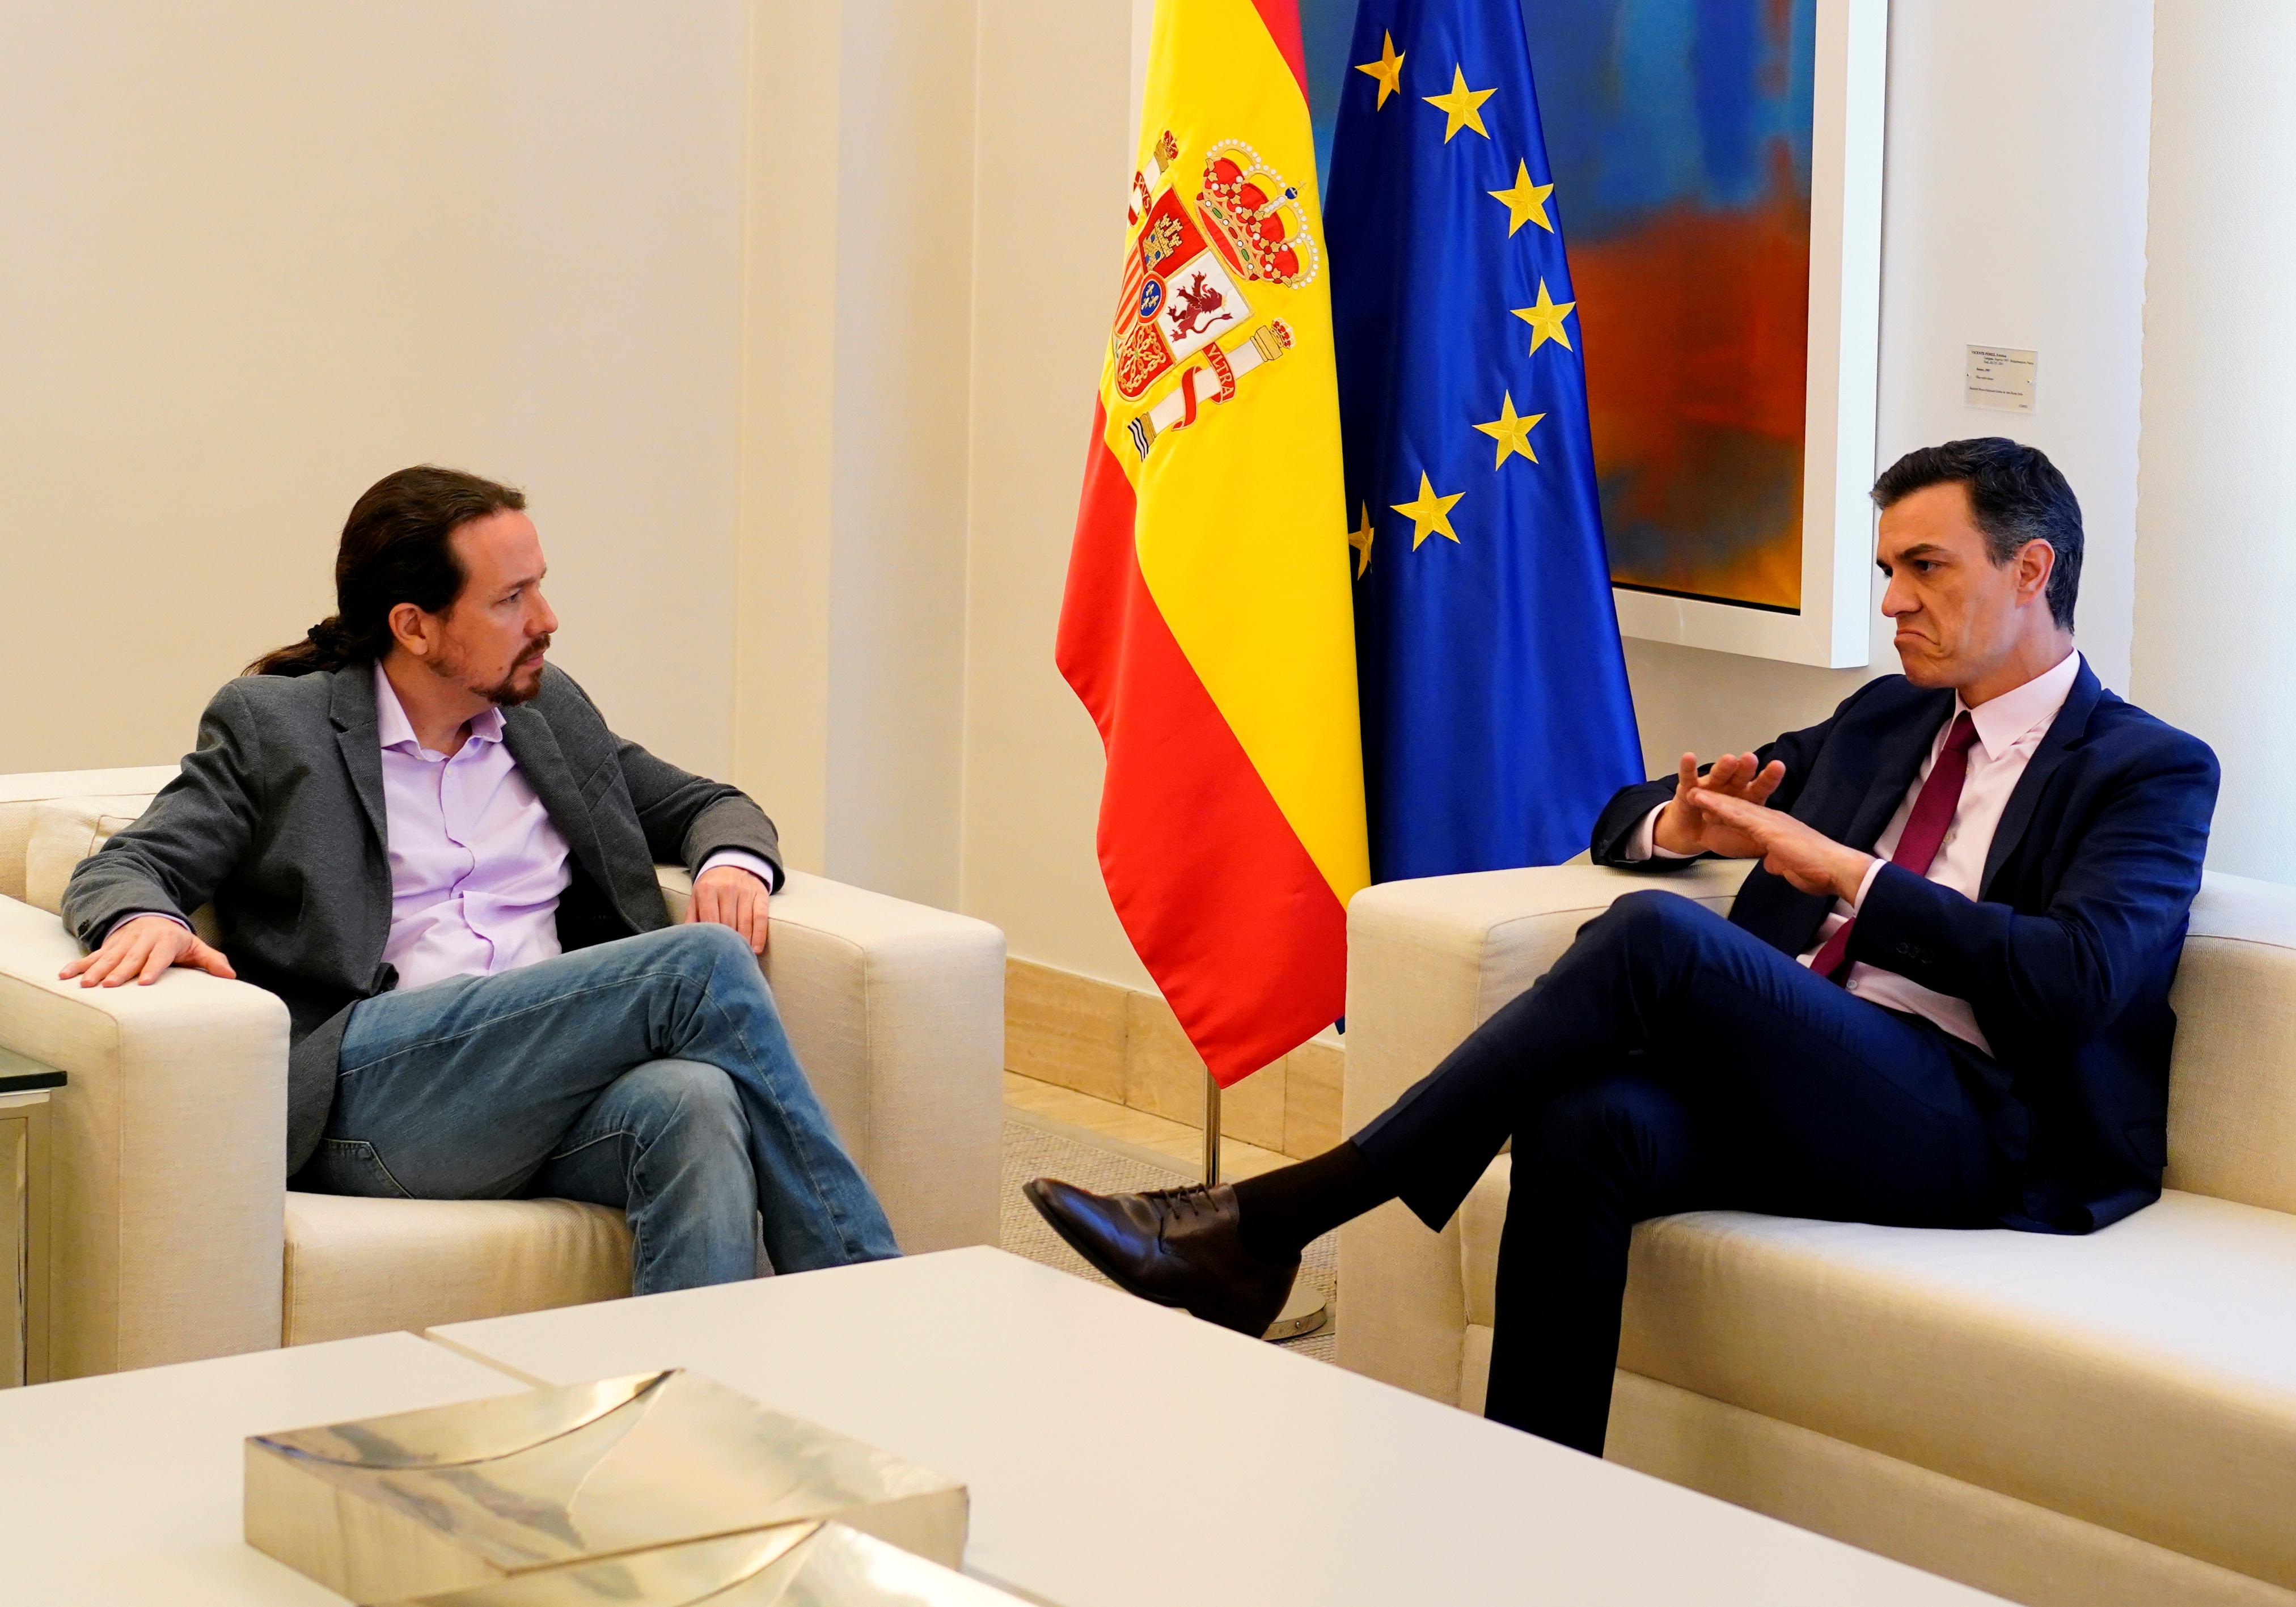 Ο Σάντσεθ δεν δέχεται στην κυβέρνησή του τον Πάμπλο Ιγκλέσιας των Podemos